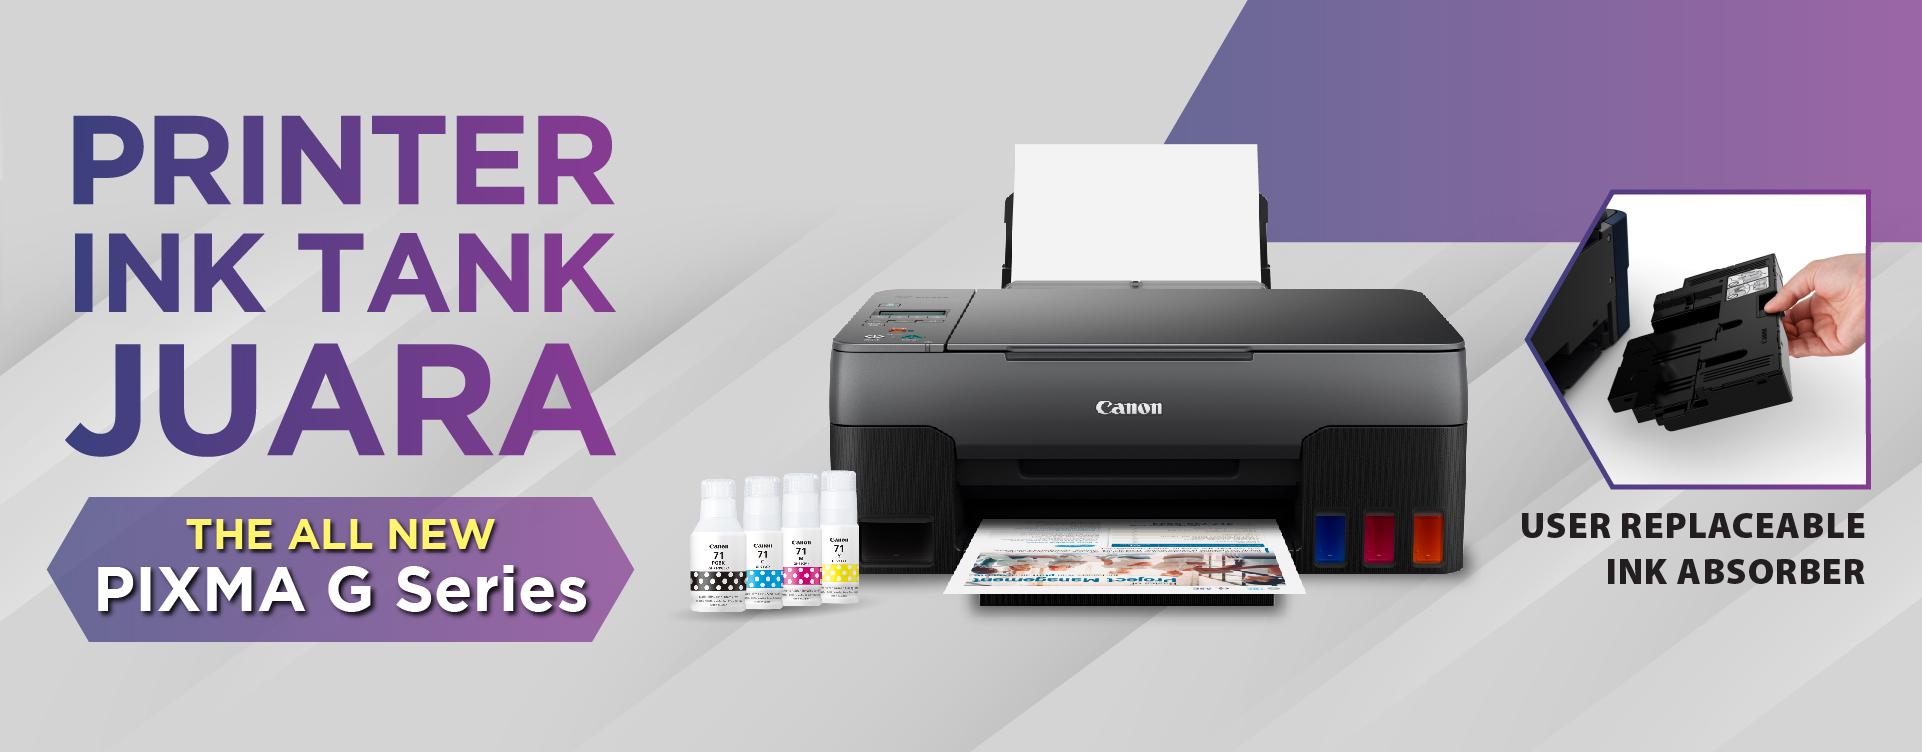 Printer Ink Tank Juara Banner EN Ver